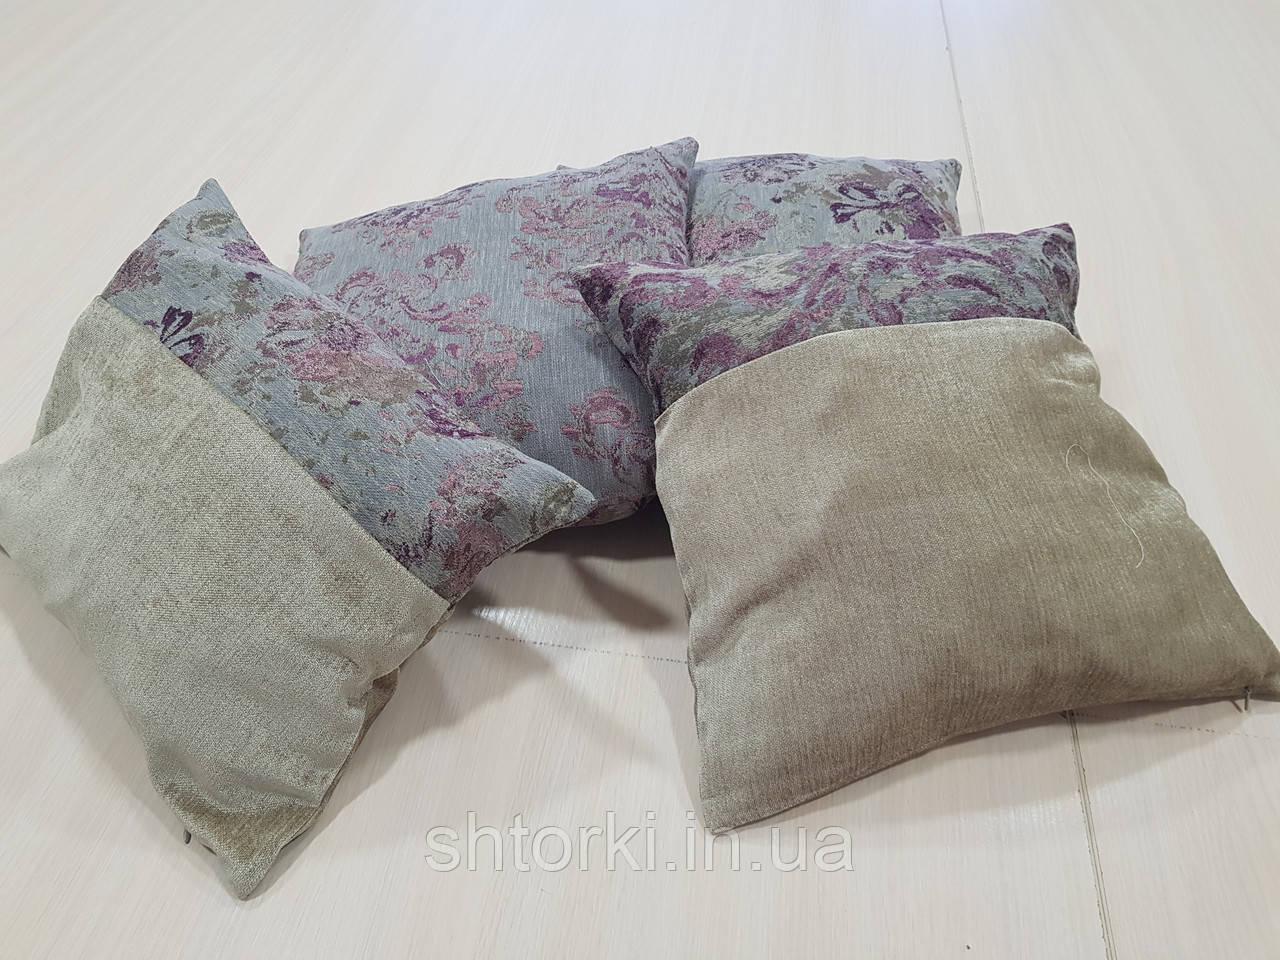 Комплект подушек Беж с сирен цветками, 4шт